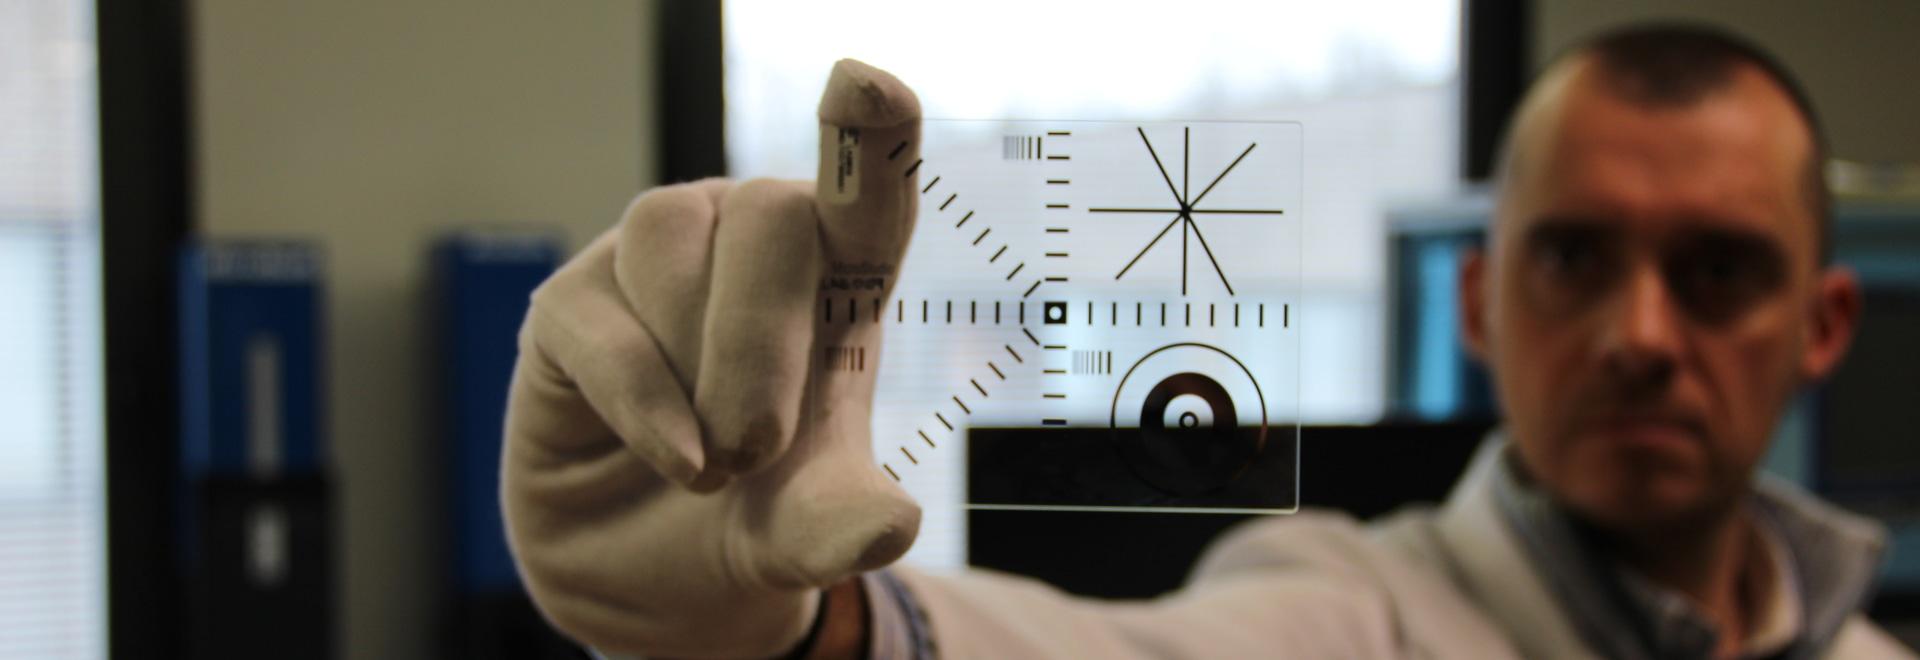 Laboratorio de Calibración de MicroStudio